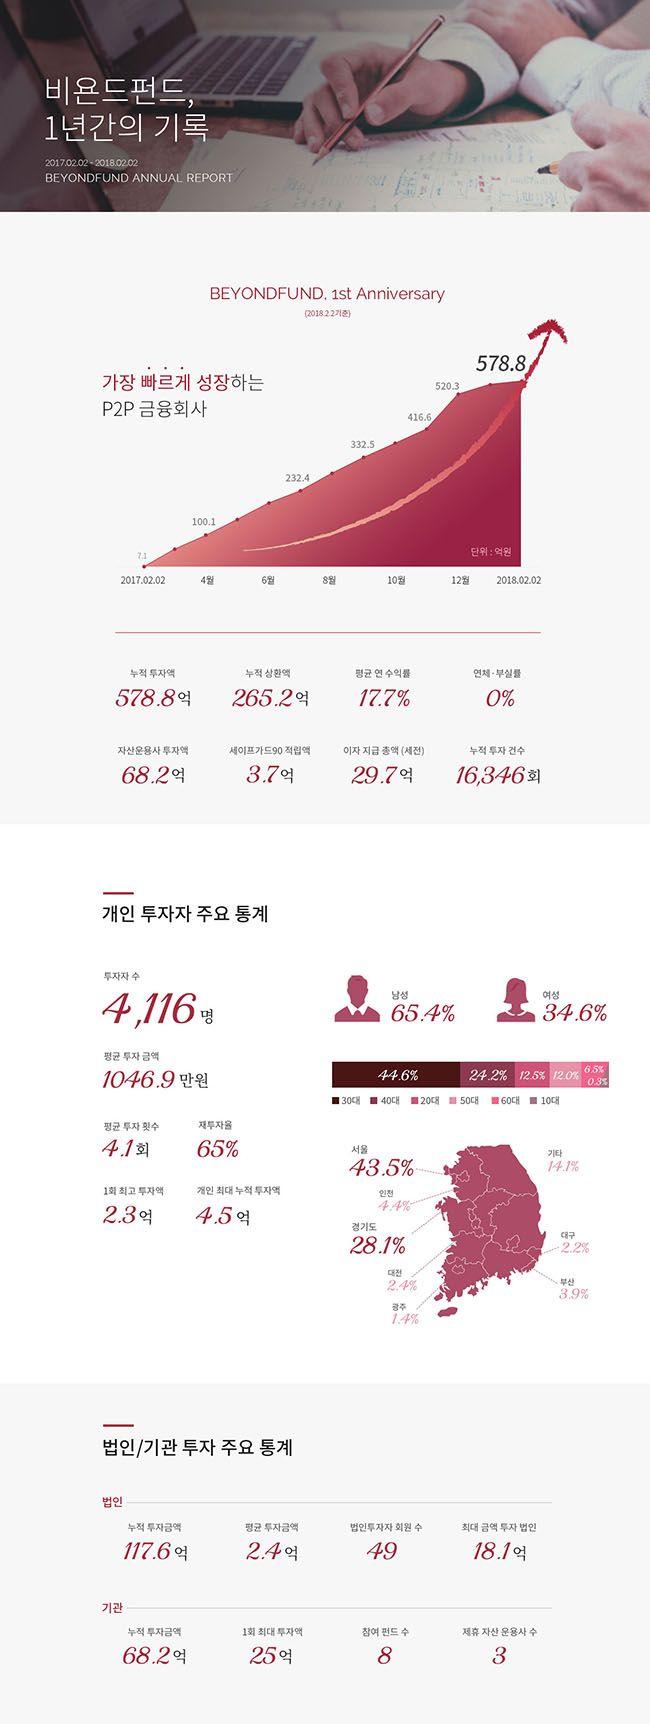 써티컷의 실패를 극복한 비욘드펀드의 빠른 성장. /자료제공=비욘드펀